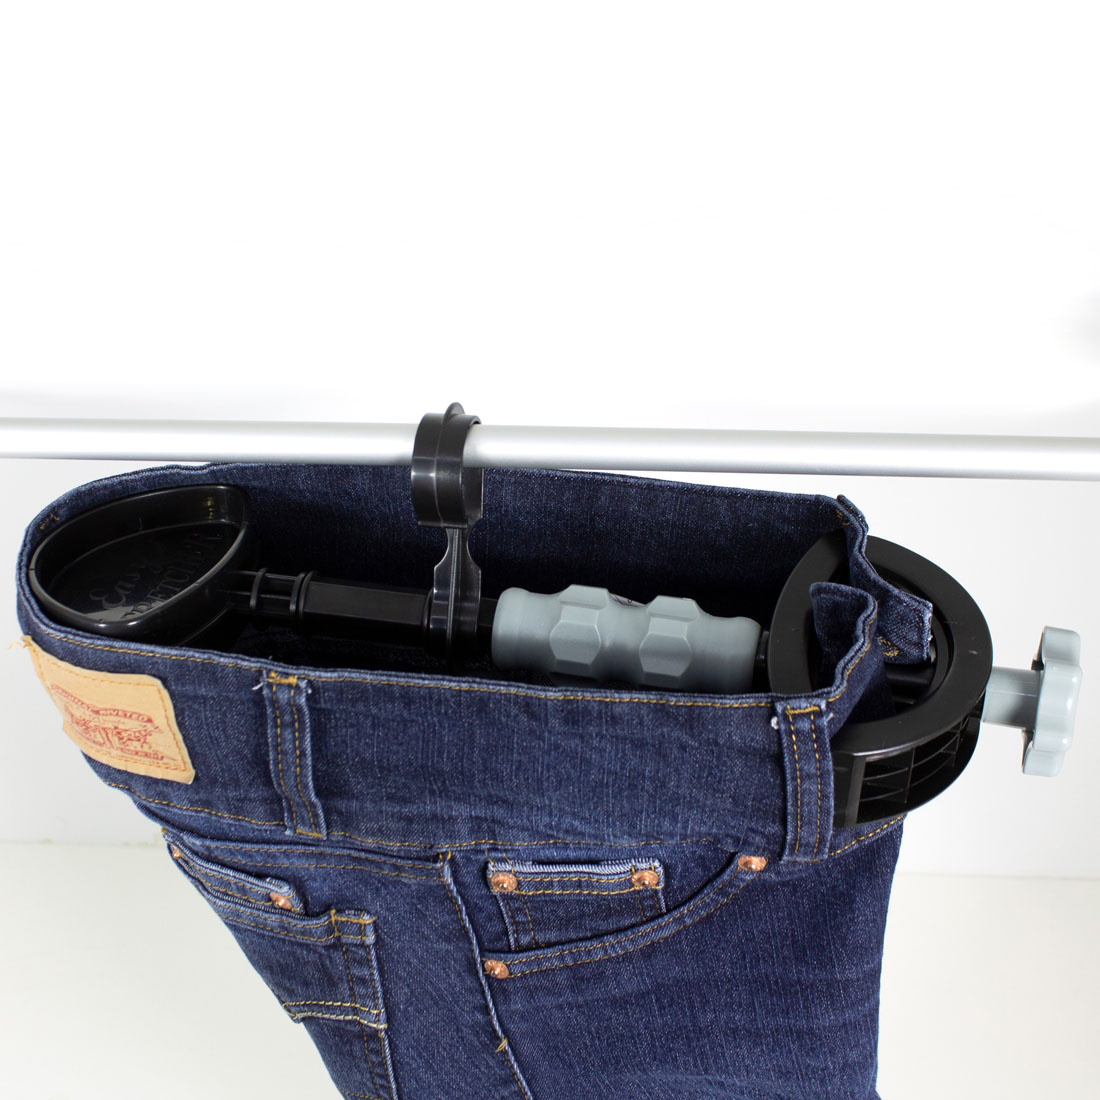 Растяжитель для пояса брюк или юбки [06675],